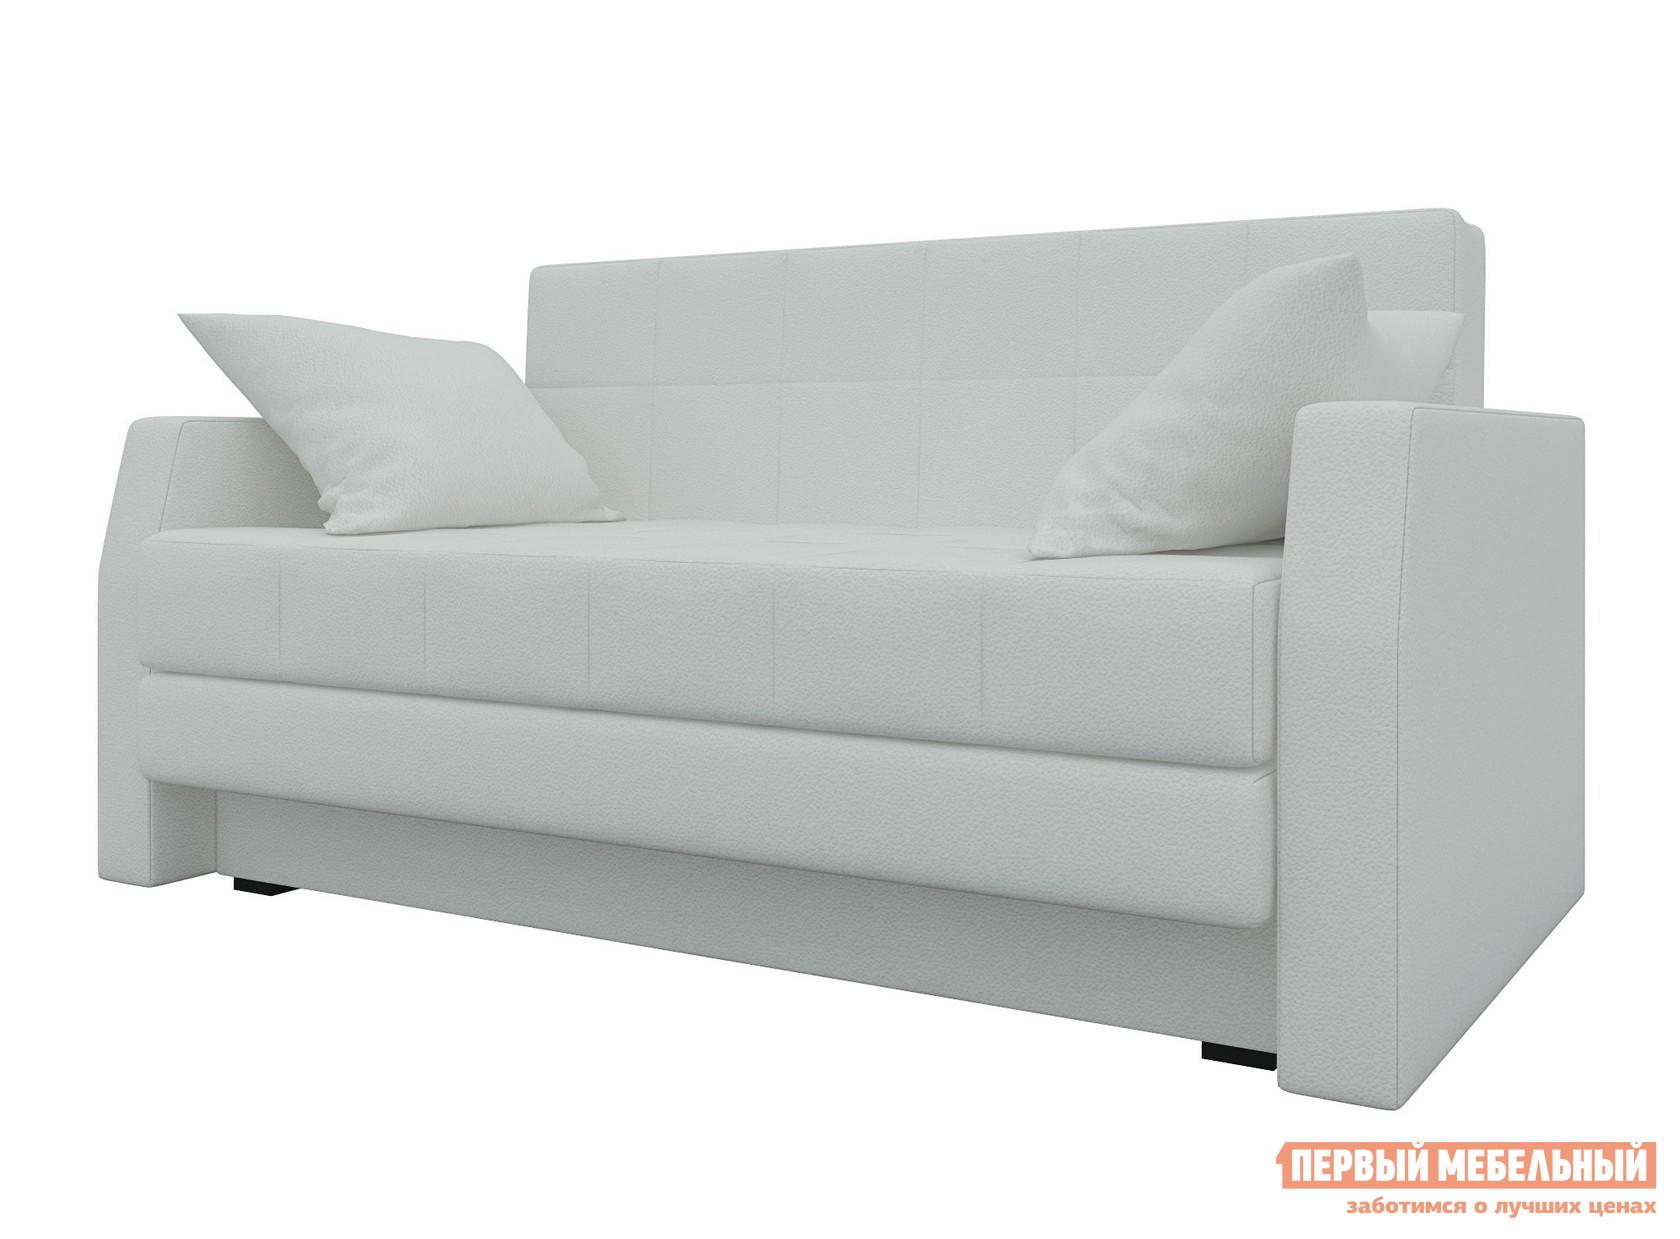 Диван Мебелико Малютка Экокожа белаяДиваны<br>Габаритные размеры ВхШхГ 880x1480x860 мм. Суперкомпактный раскладной диван с декоративными подушками поможет создать уютный уголок отдыха в гостиной и при этом обеспечит полноценное спальное место. Простой и надежный механизм трансформации помогает превратиться диван в кровать со спальным местом 1300х1870 мм.  Также модель оснащена бельевым ящиком. Каркас дивана выполнен из фанеры и ЛДСП, обивка — ткань или экокожа, в зависимости от выбранного цвета.  Внутреннее наполнение — пенополиуретан.<br><br>Цвет: Белый<br>Высота мм: 880<br>Ширина мм: 1480<br>Глубина мм: 860<br>Кол-во упаковок: 1<br>Форма поставки: В разобранном виде<br>Срок гарантии: 12 месяцев<br>Тип: Прямые<br>Тип: Диван-кровать<br>Материал: Ткань<br>Материал: Искусственная кожа<br>С ящиком для белья: Да<br>Механизм трансформации: Аккордеон